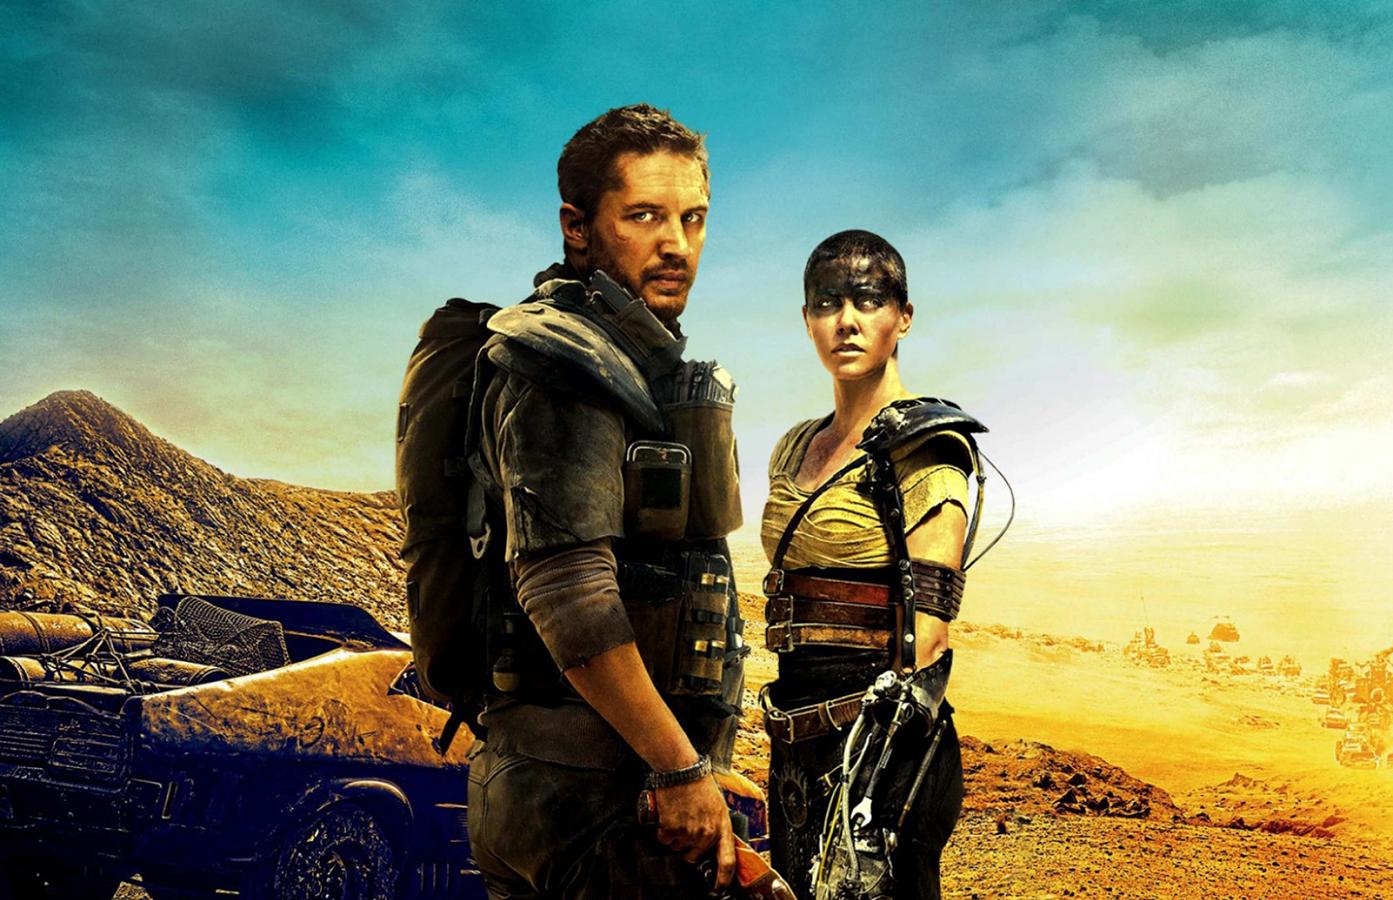 بیست اتفاق جالب در پشت صحنه فیلم Mad Max: Fury Road ـ قسمت دوم